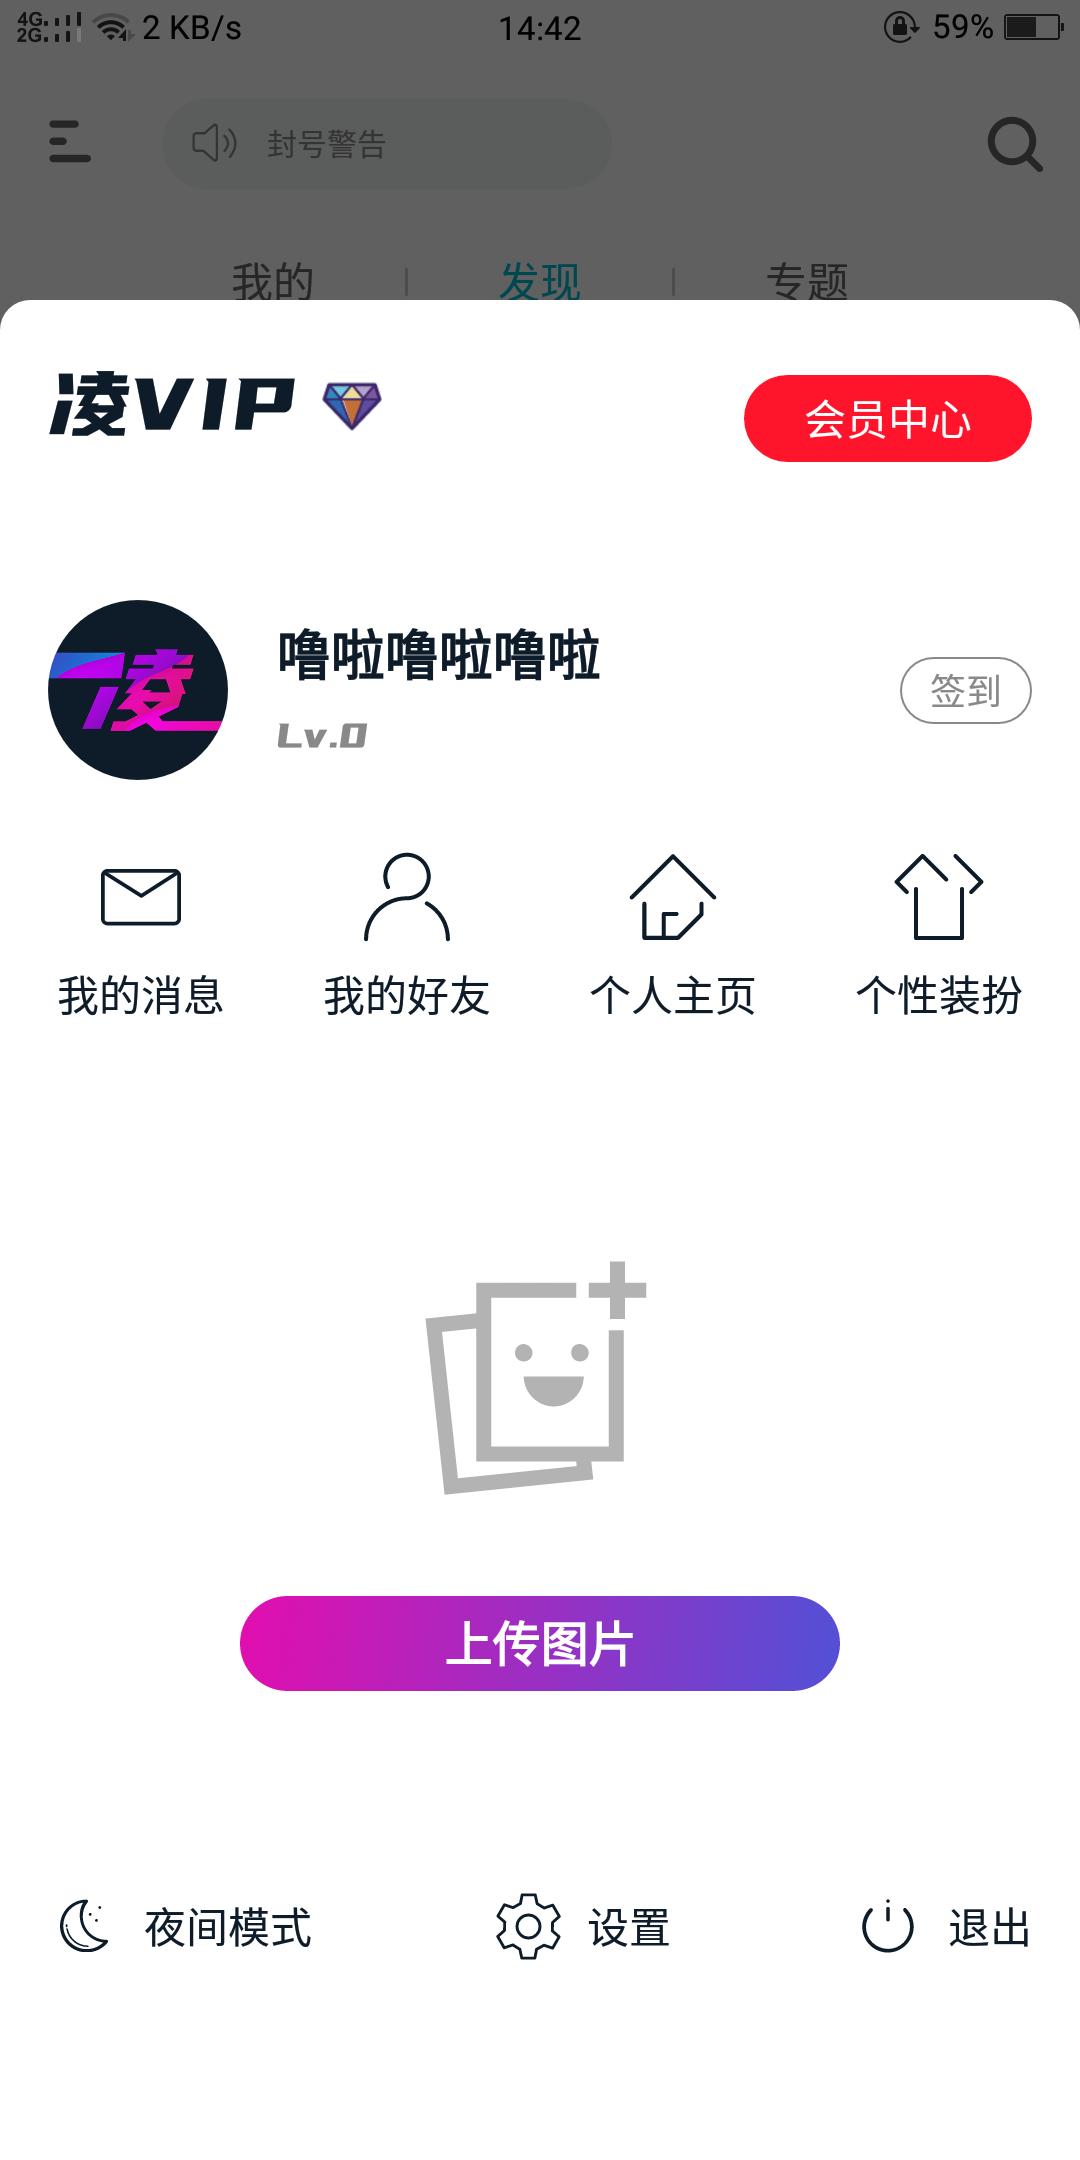 【分享】图凌2.9.2最新版_会员破解——图凌在手壁纸不愁-爱小助